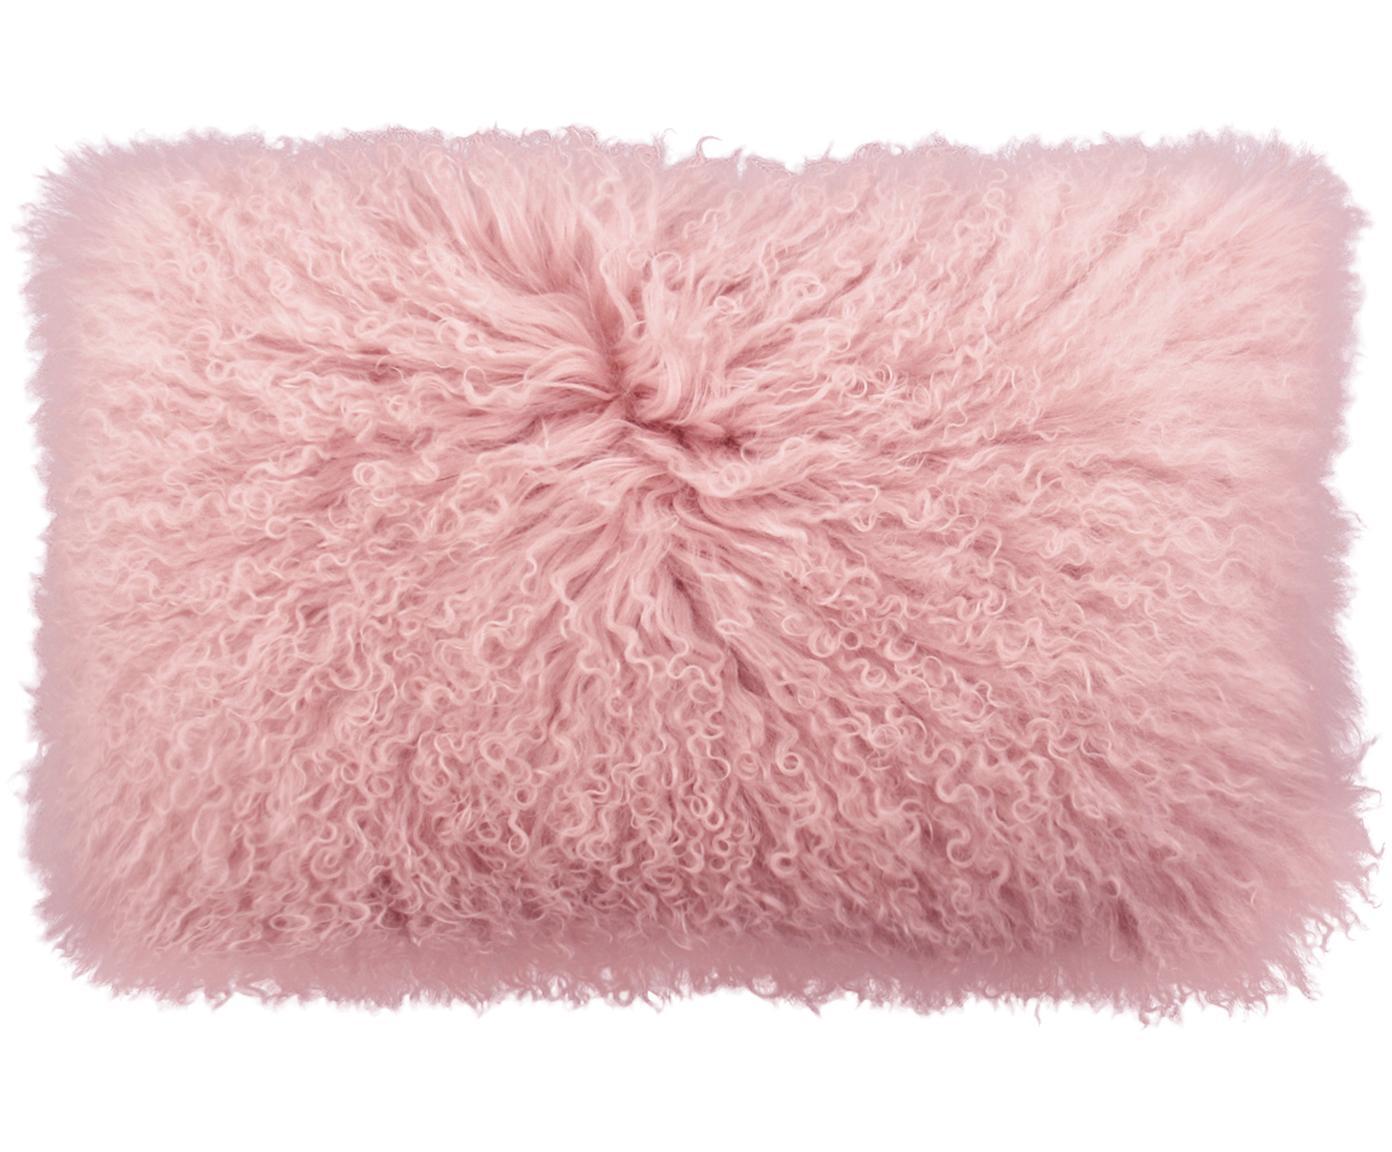 Kussenhoes van langharige schapenvacht Ella, Roze, 30 x 50 cm